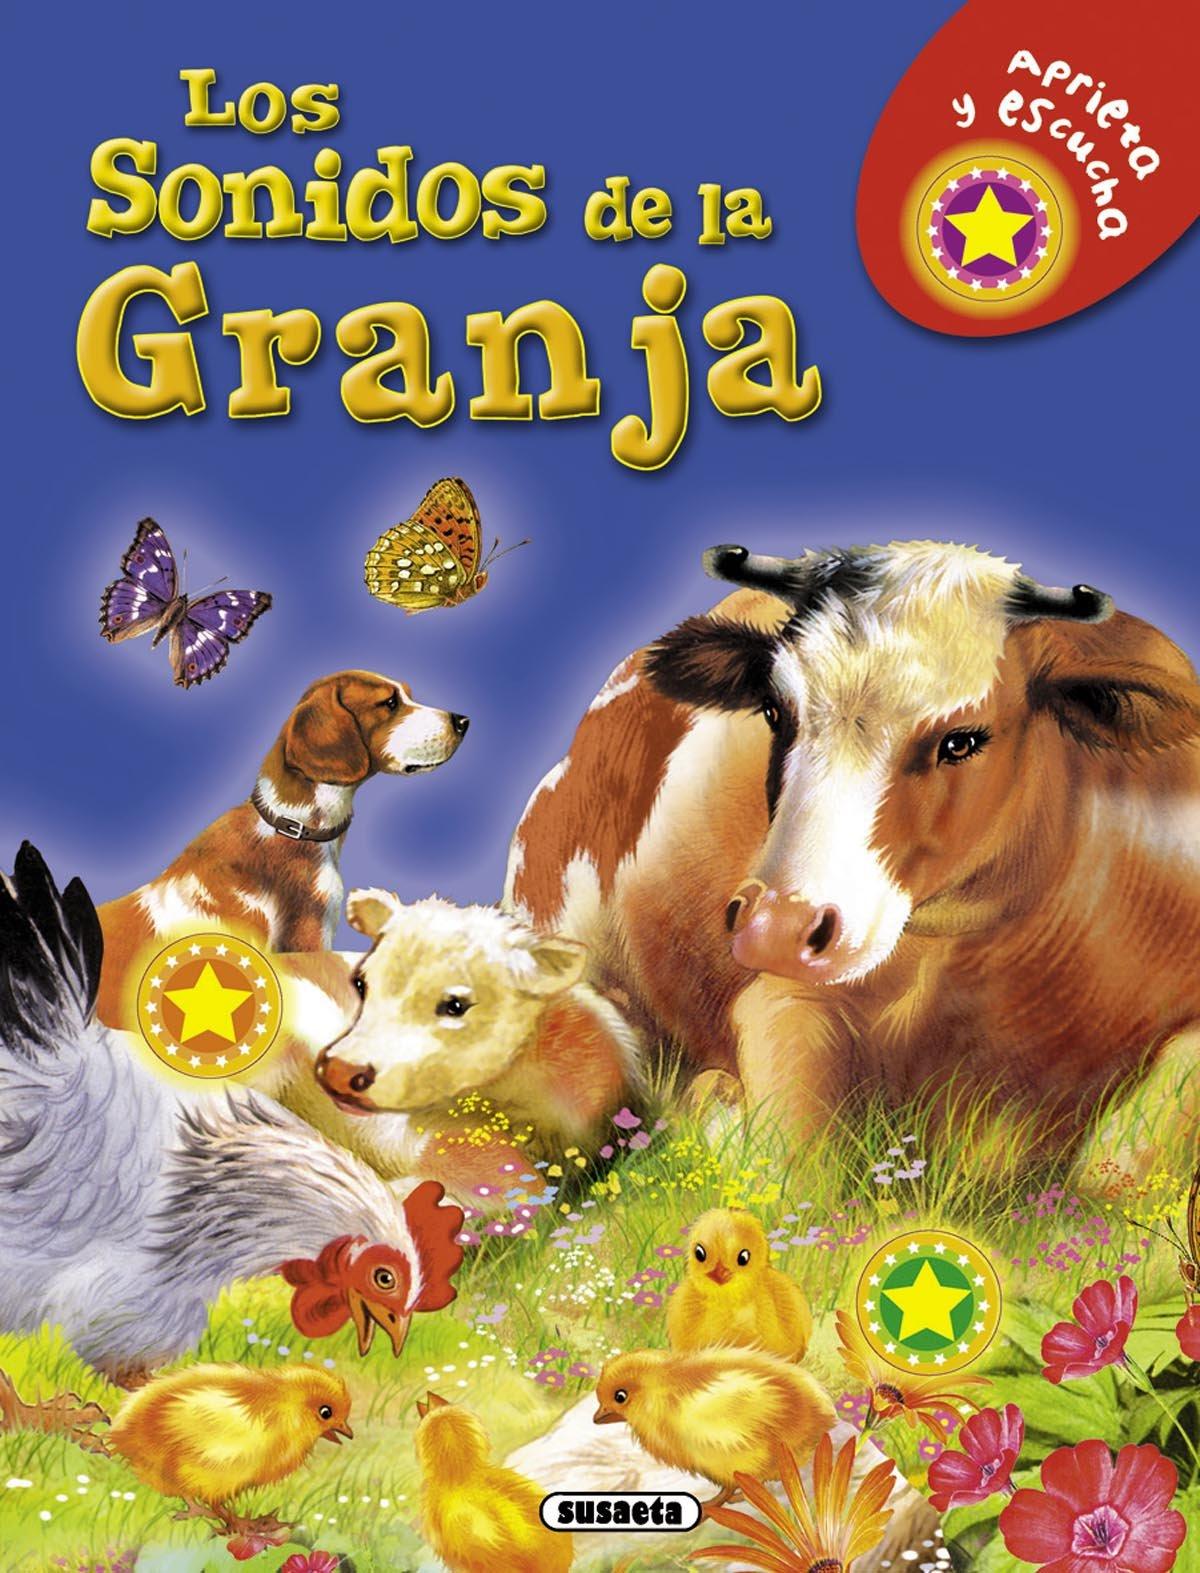 Download Los sonidos de la granja (Spanish Edition) ebook